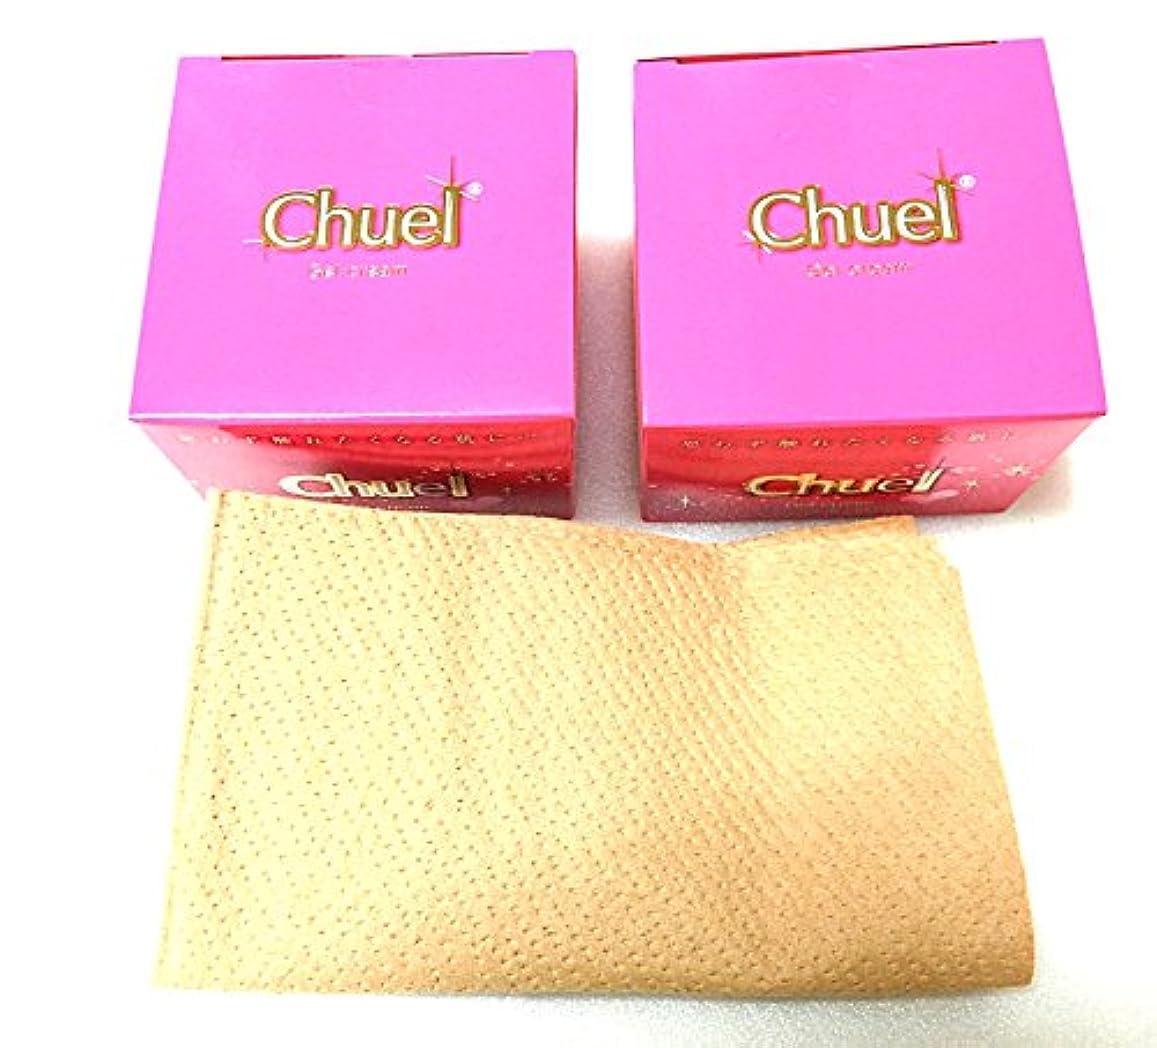 櫛ドラマ汚れたNEW Chuel(チュエル) 増量 180g 2個セット 使い捨て紙ウエス1枚付属